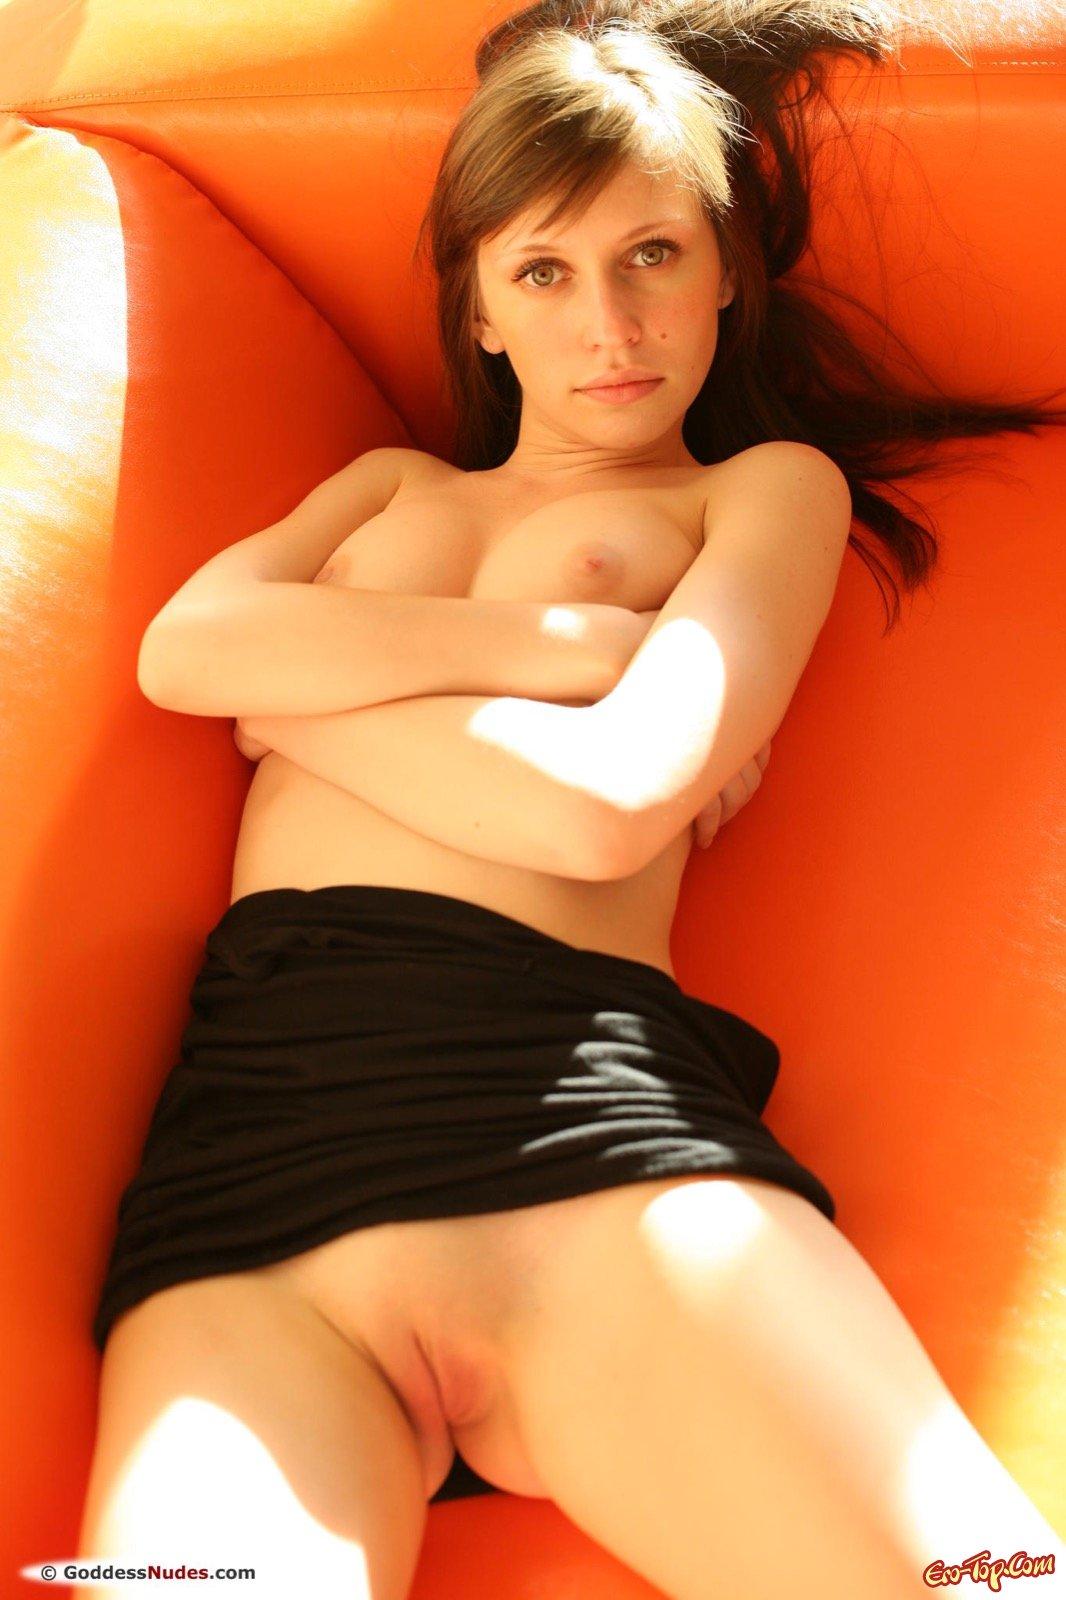 Девушка в платье без трусиков позирует на диване